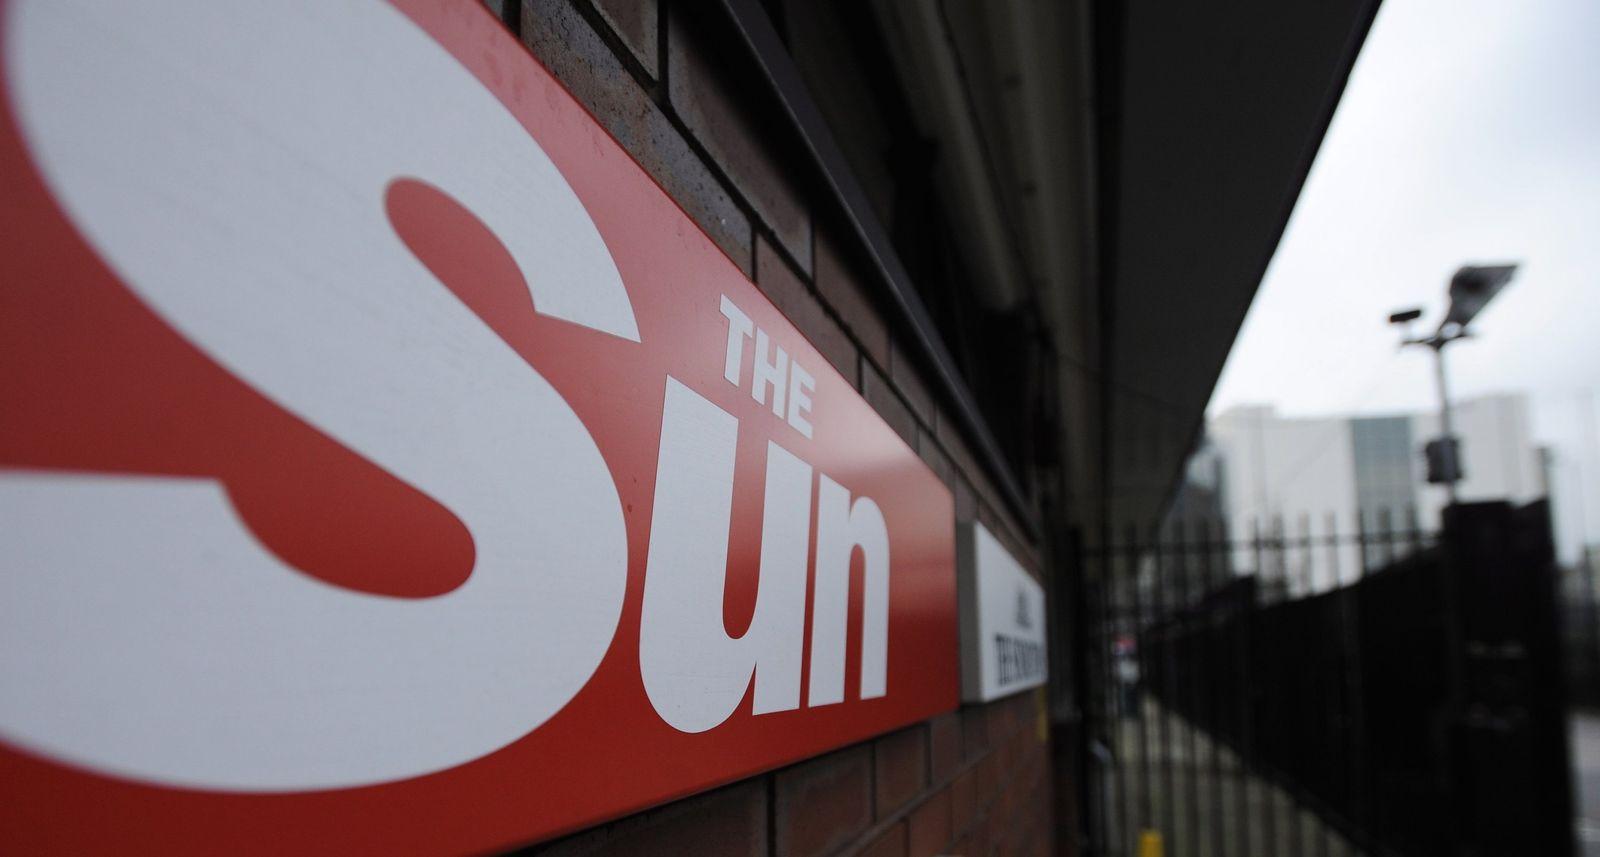 Sun journalists arrested